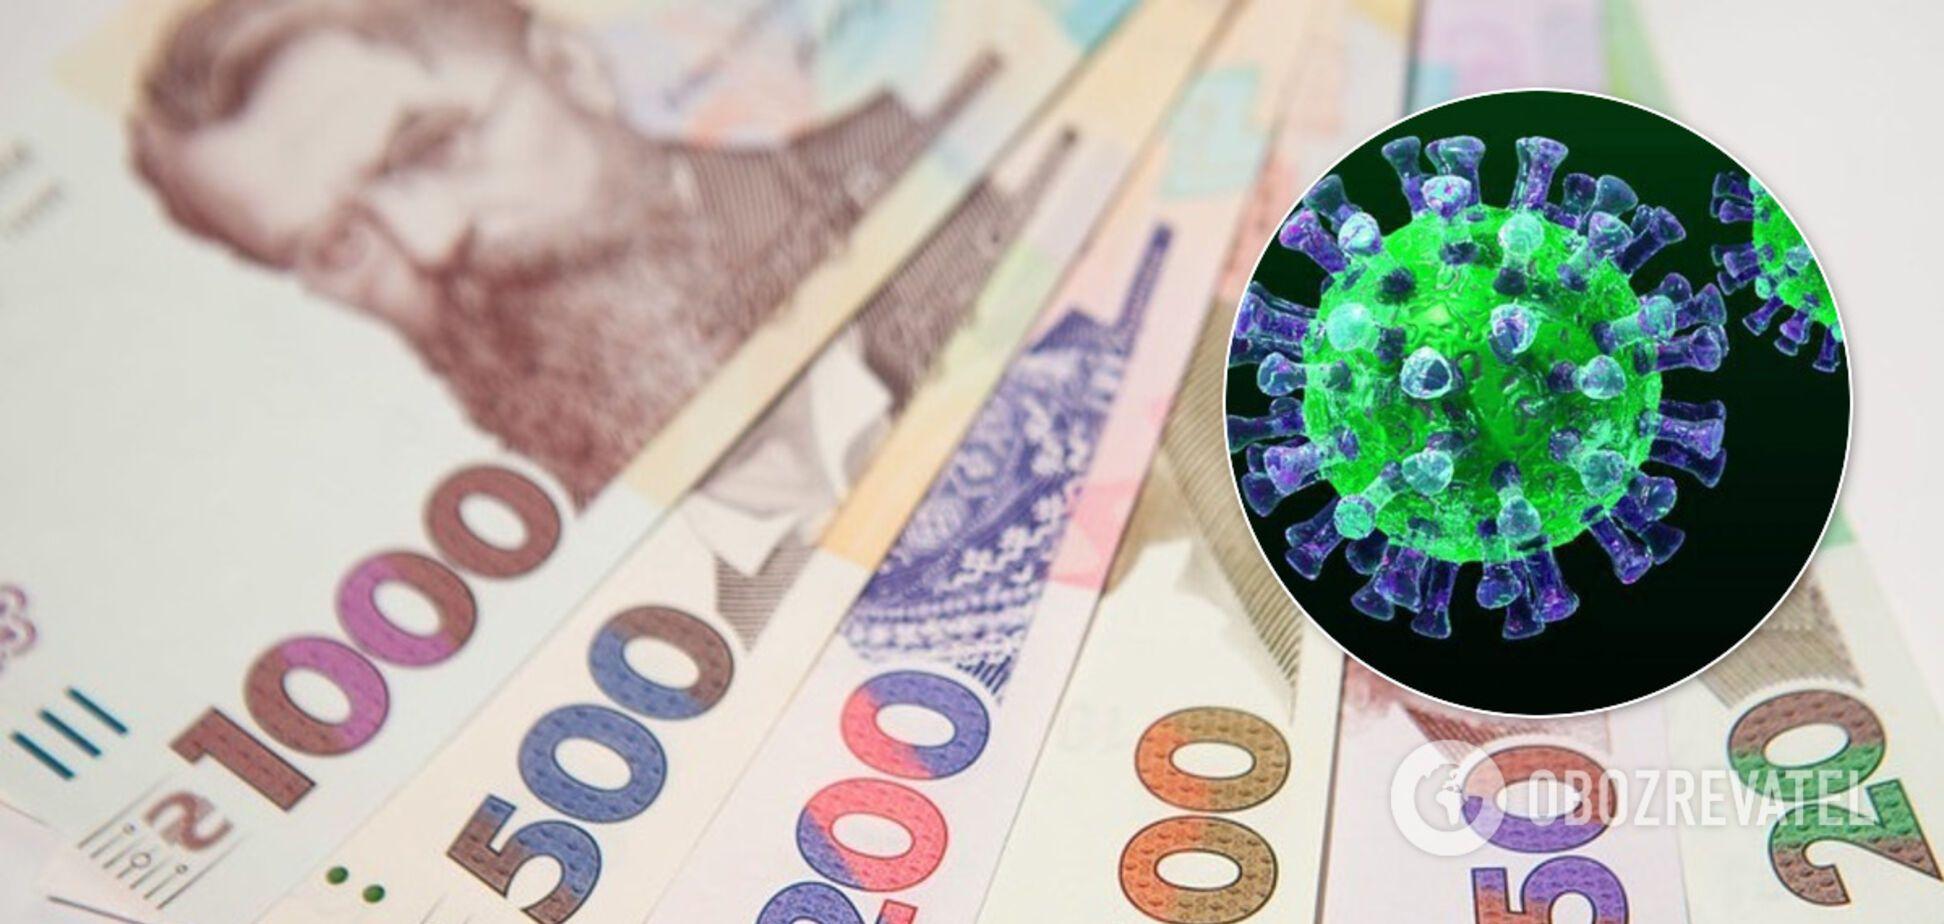 Украинский бизнес освободили от штрафов по кредитам: закон вступил в силу